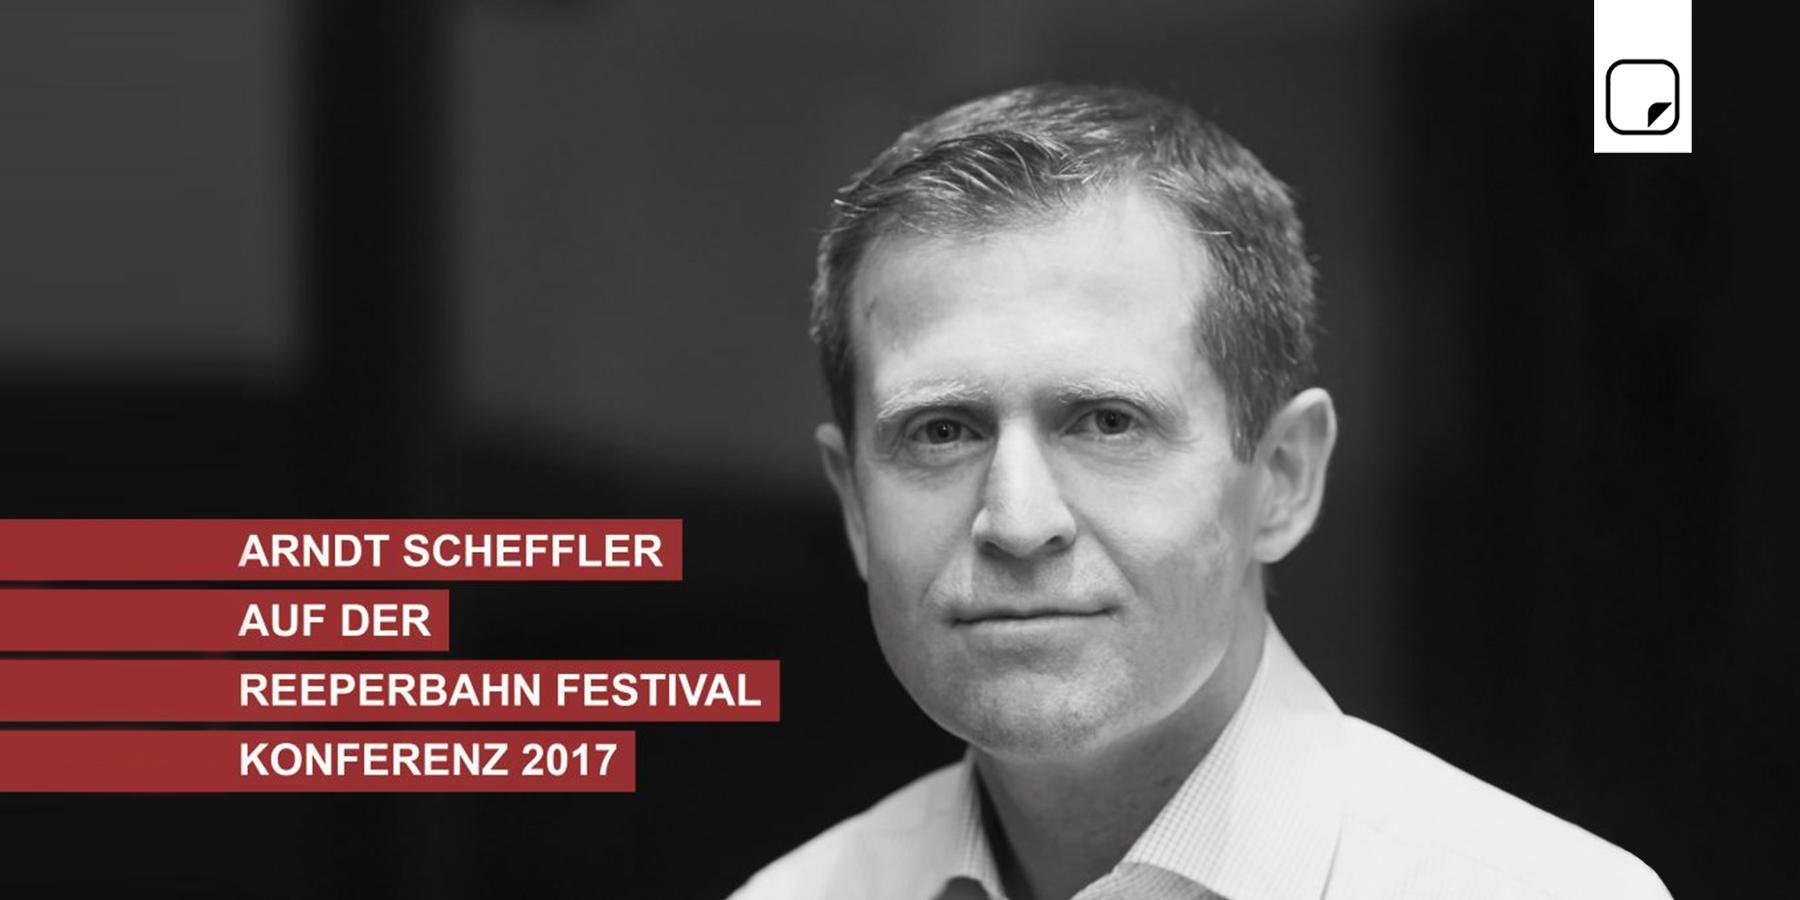 Arndt Scheffler auf der Reeperbahn Festival Konferenz 2017